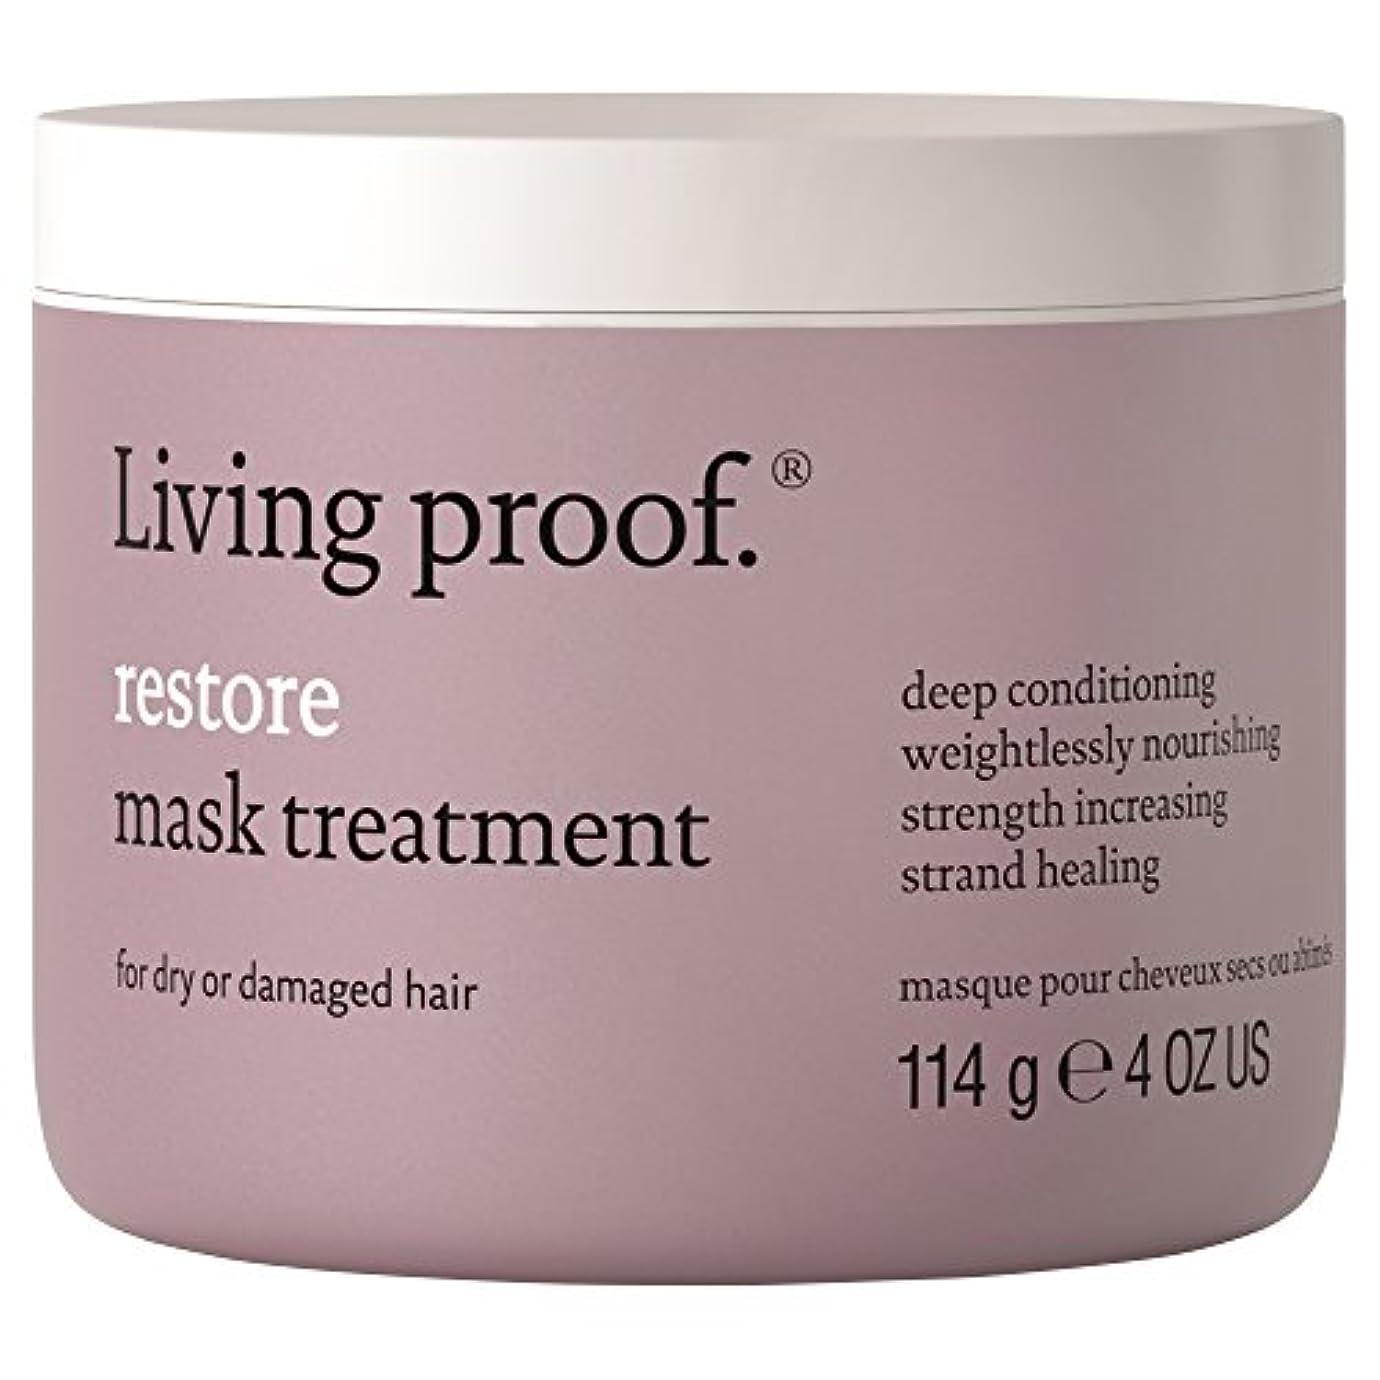 ちょっと待って屋内で名詞生きている証拠は、マスク処理114グラムを復元します (Living Proof) (x6) - Living Proof Restore Mask Treatment 114g (Pack of 6) [並行輸入品]